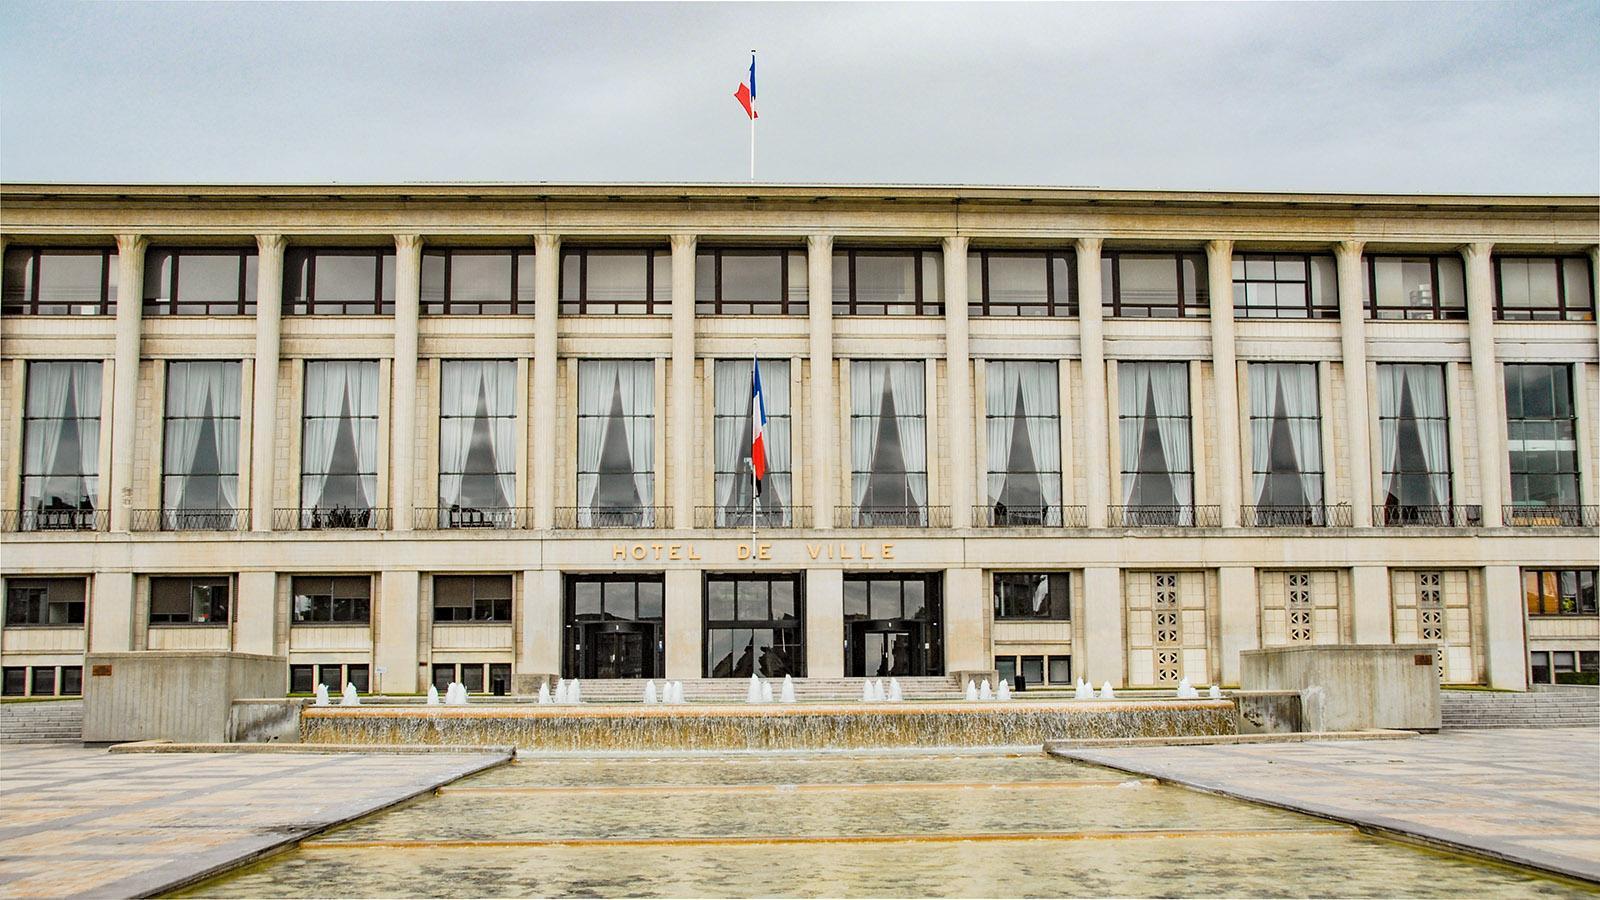 Das Rathaus von Le Havre. Foto: Hilke Maunder